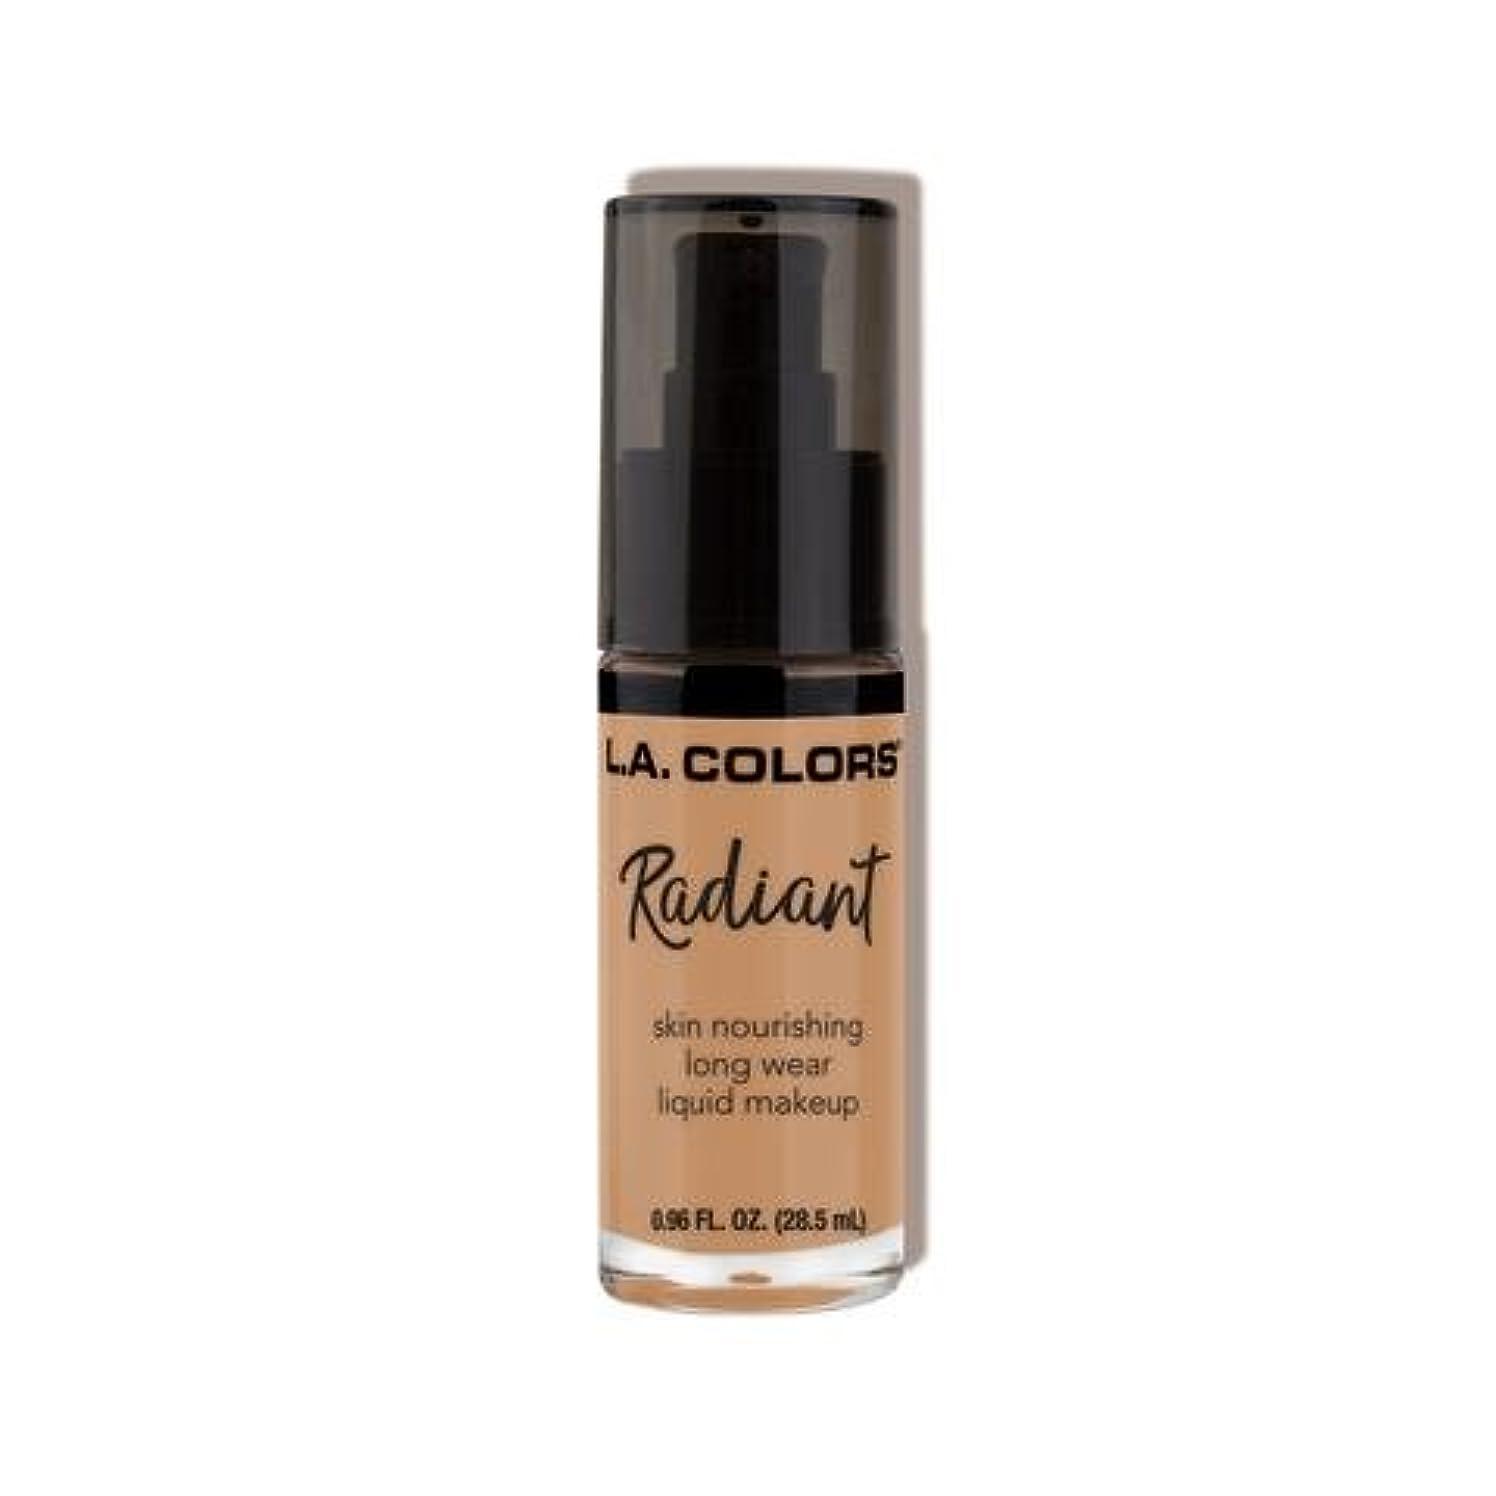 付与意識残る(3 Pack) L.A. COLORS Radiant Liquid Makeup - Suede (並行輸入品)